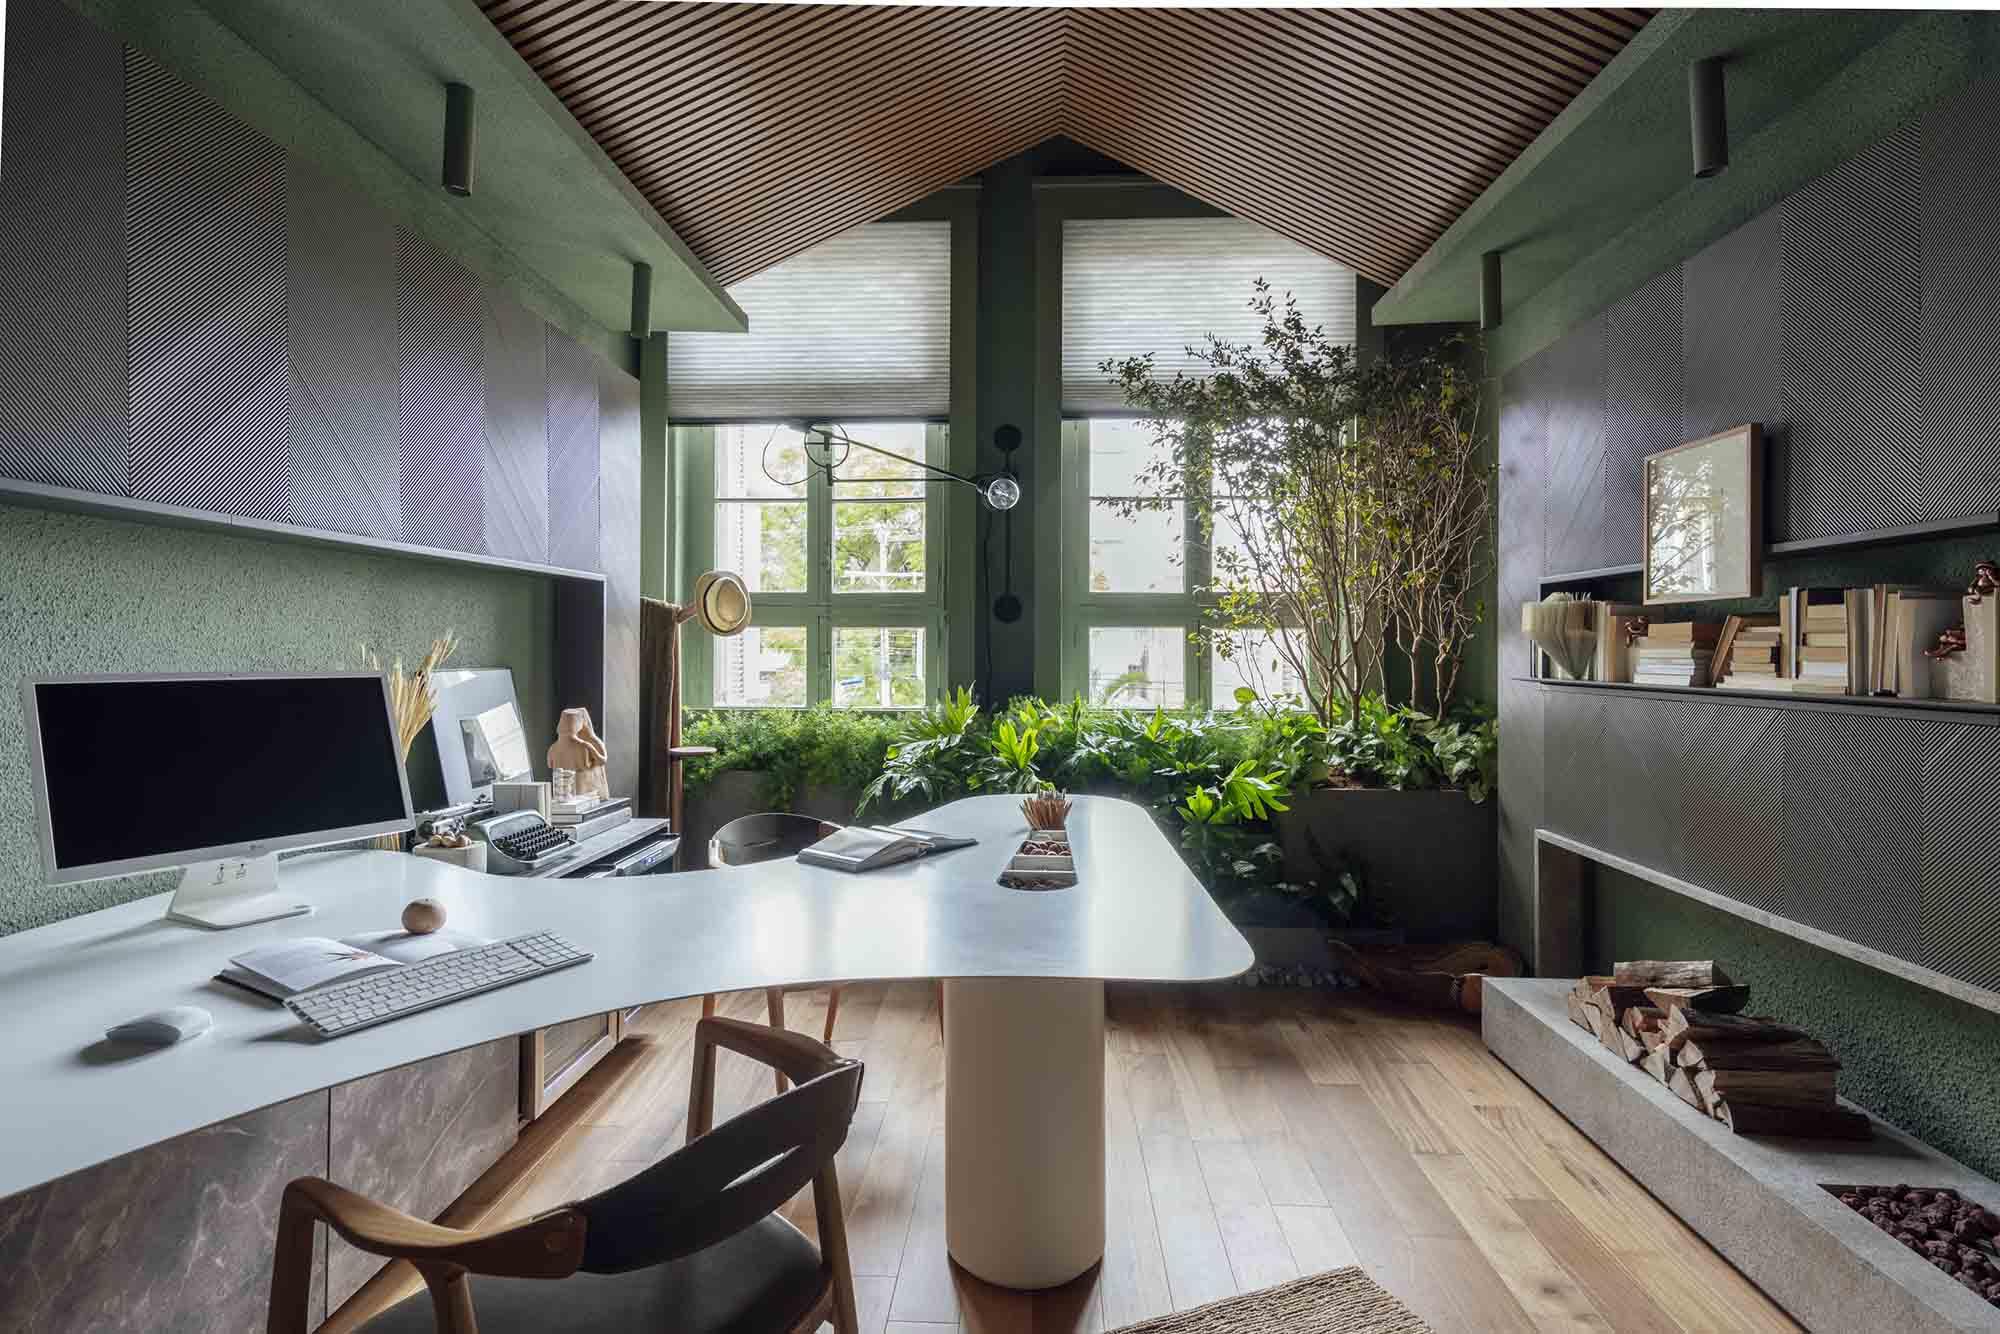 Home office do casal Quadriarq CASACOR Rio Grande do Sul 2019